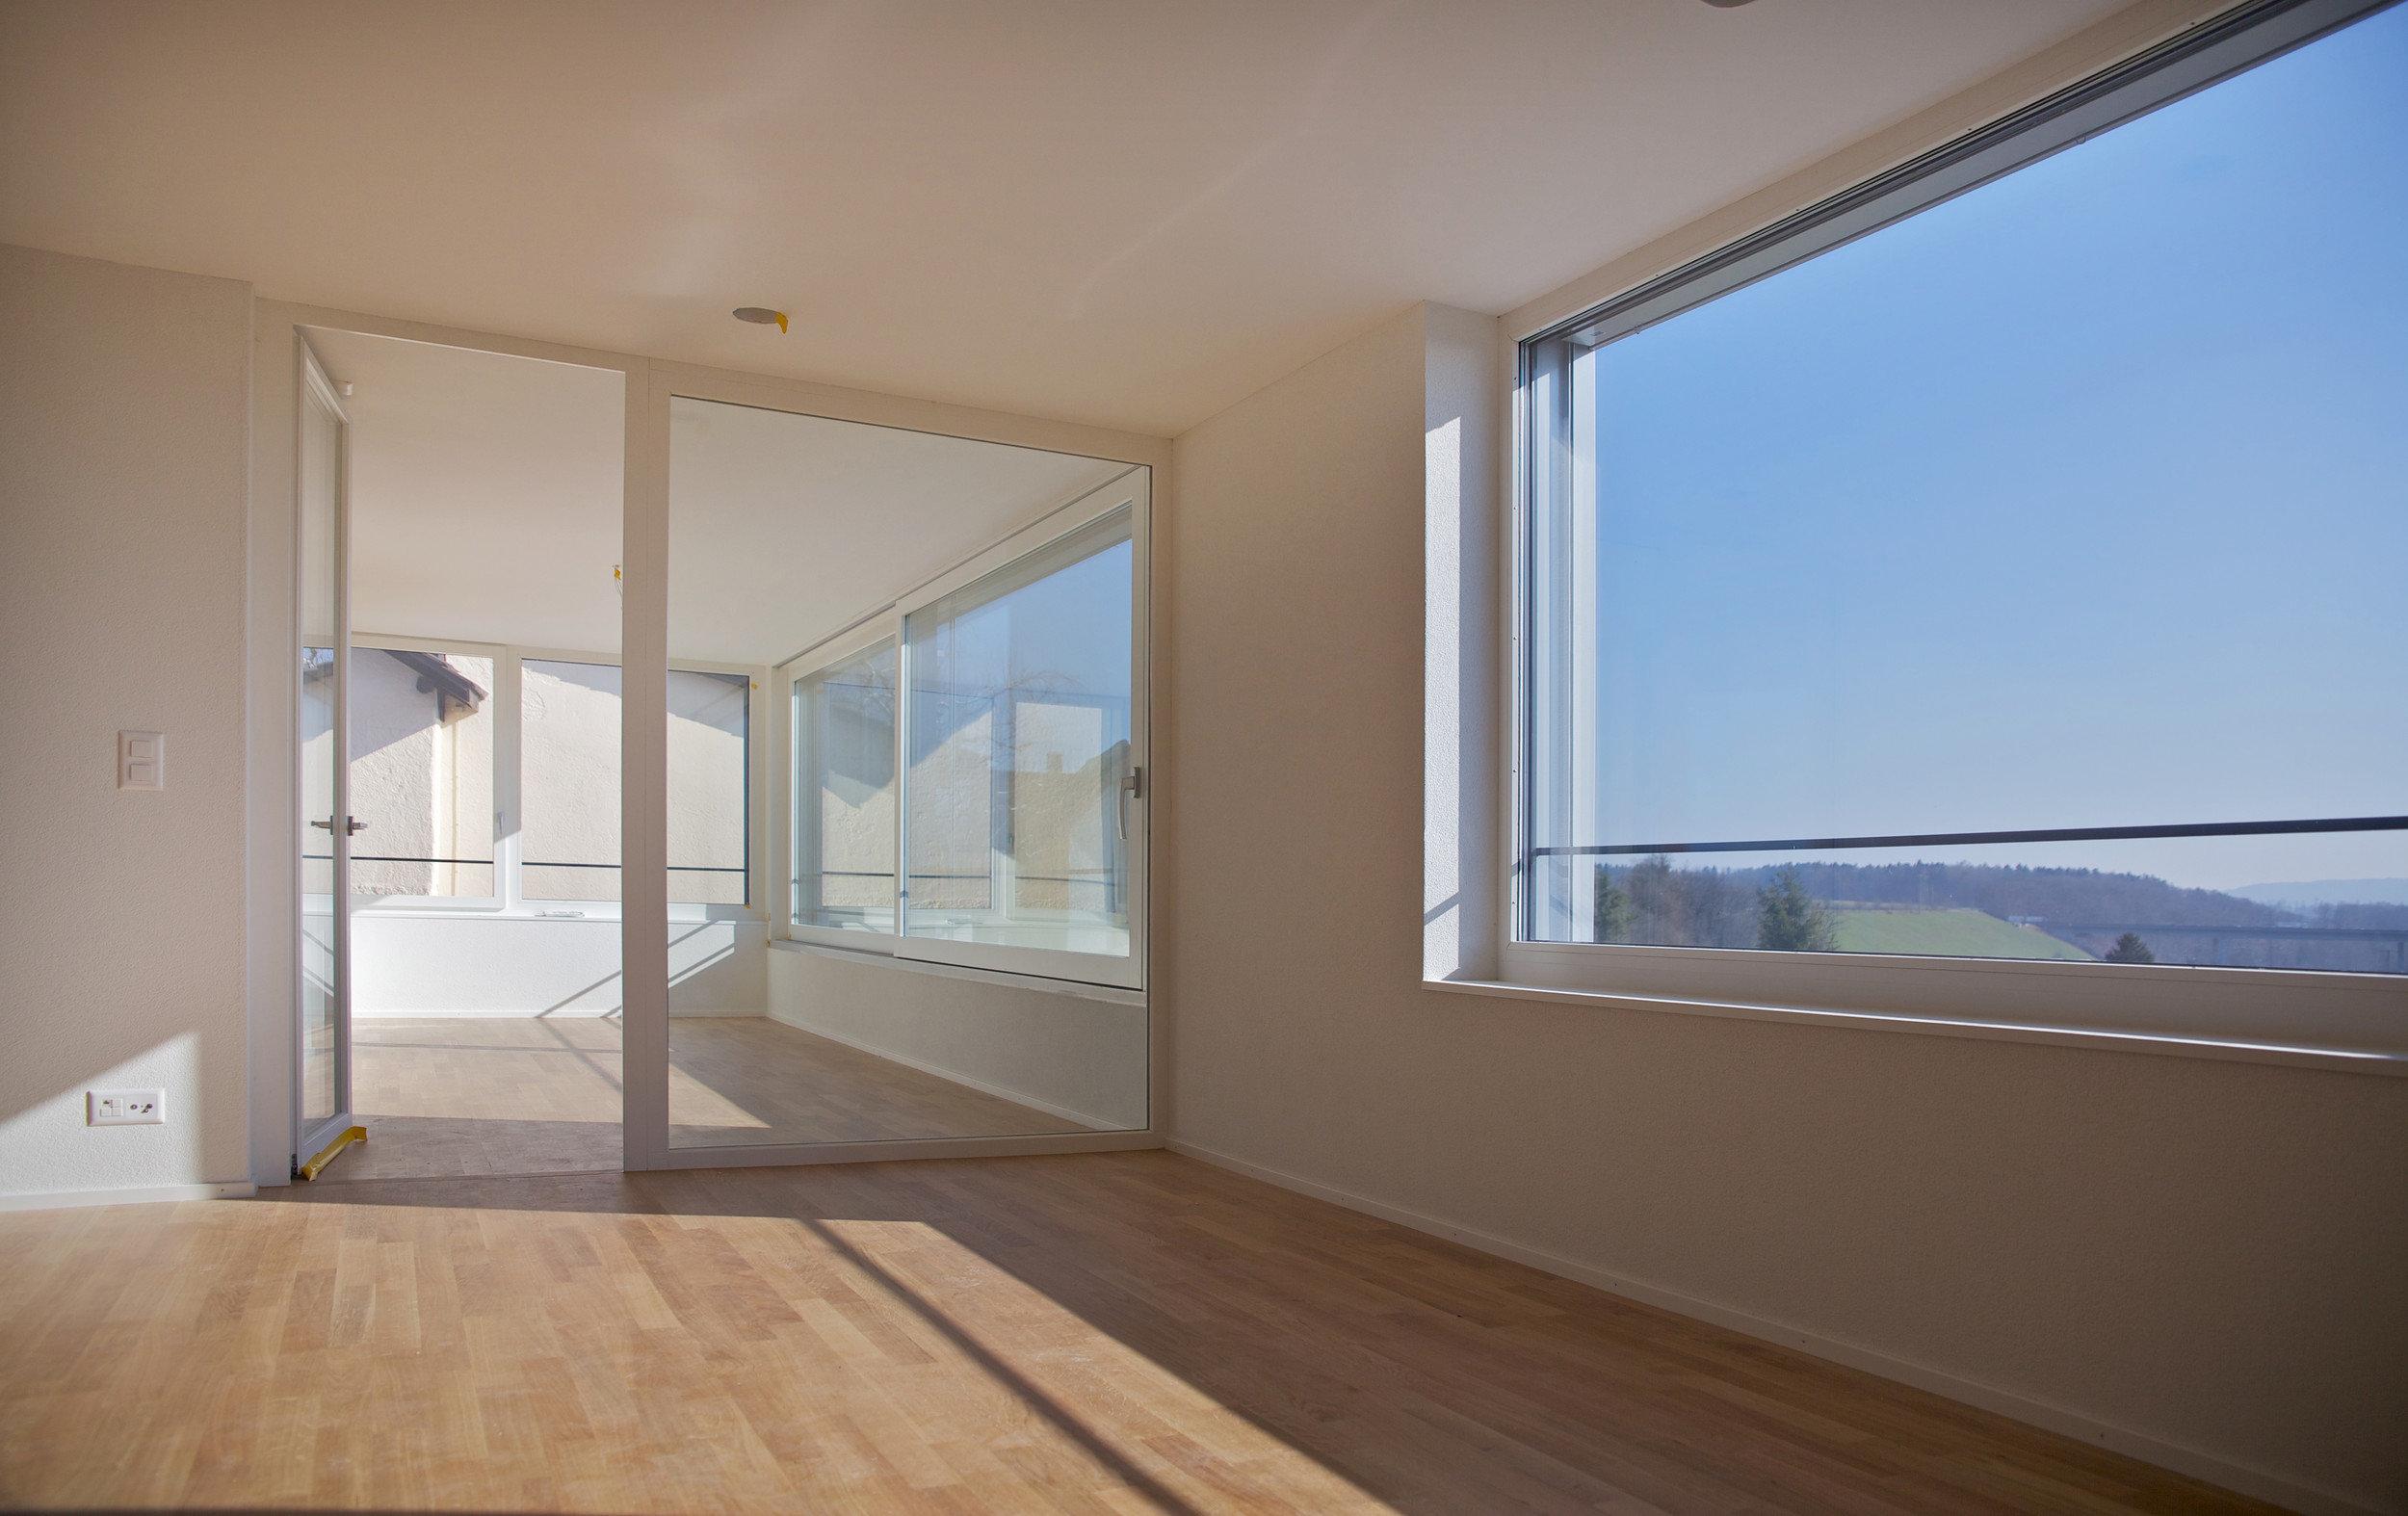 Wohnung mit Holz-Beton-Verbunddecken suprafloor und grossen Fenstern